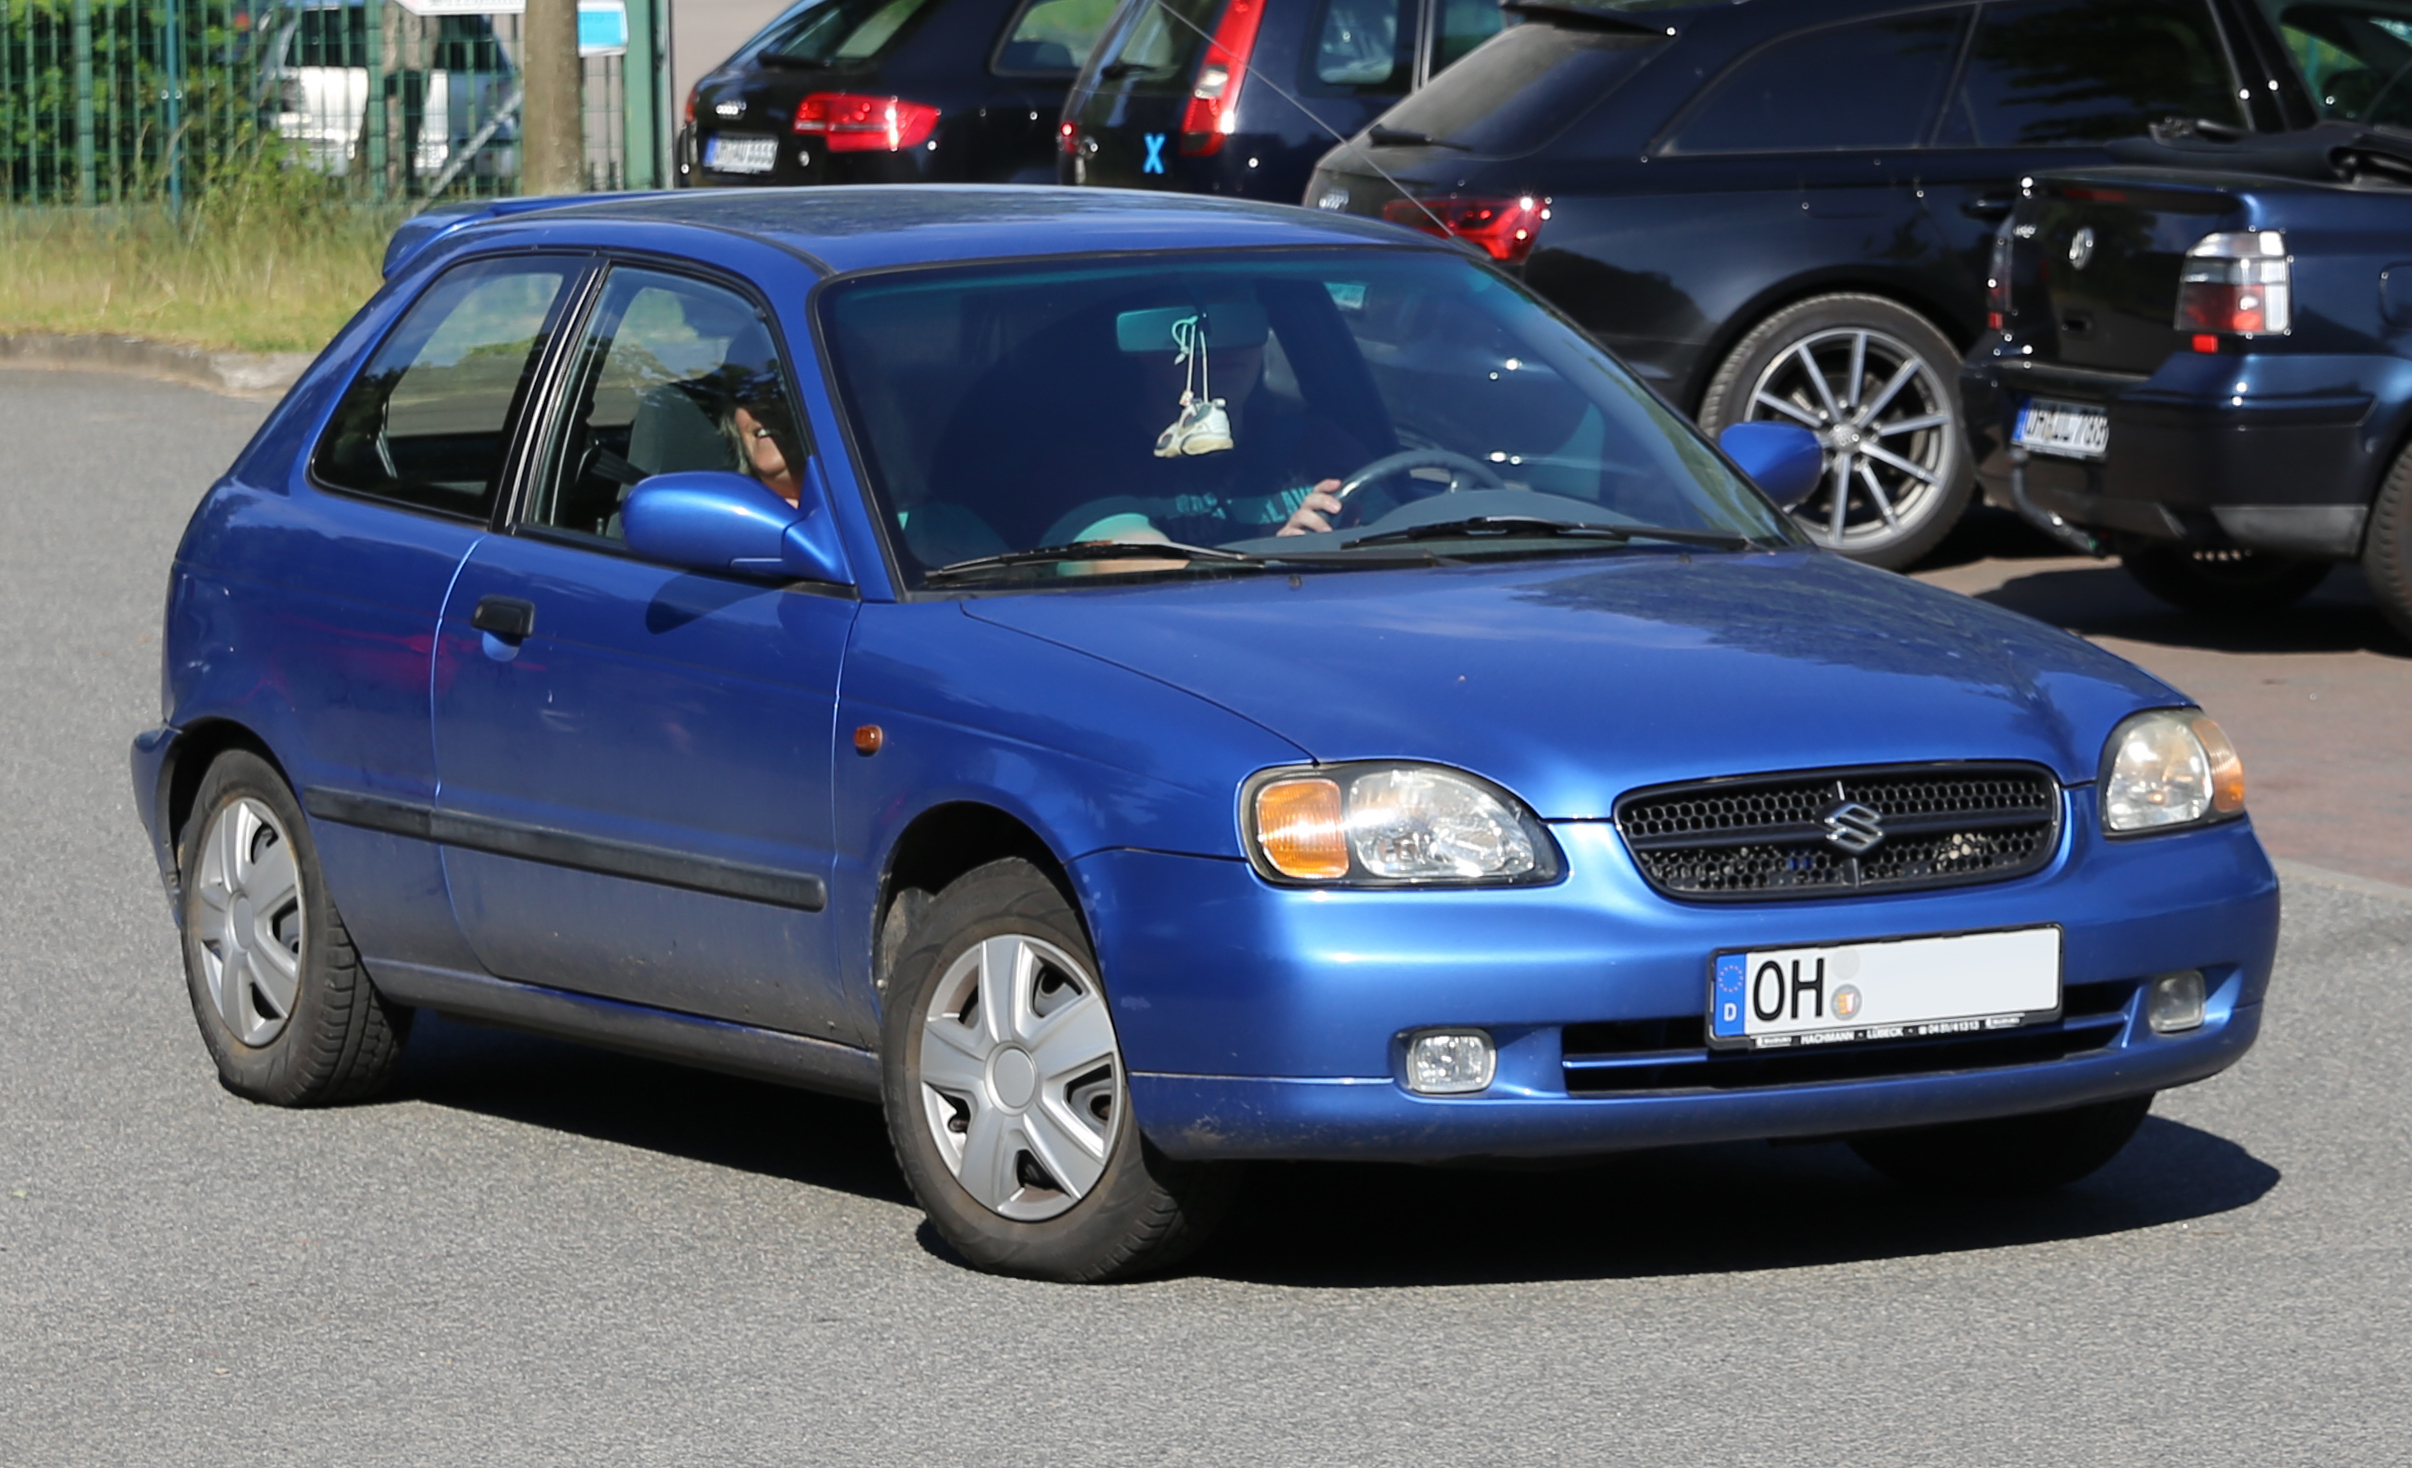 File:Suzuki Baleno hatchback (facelift), front right.jpg ...